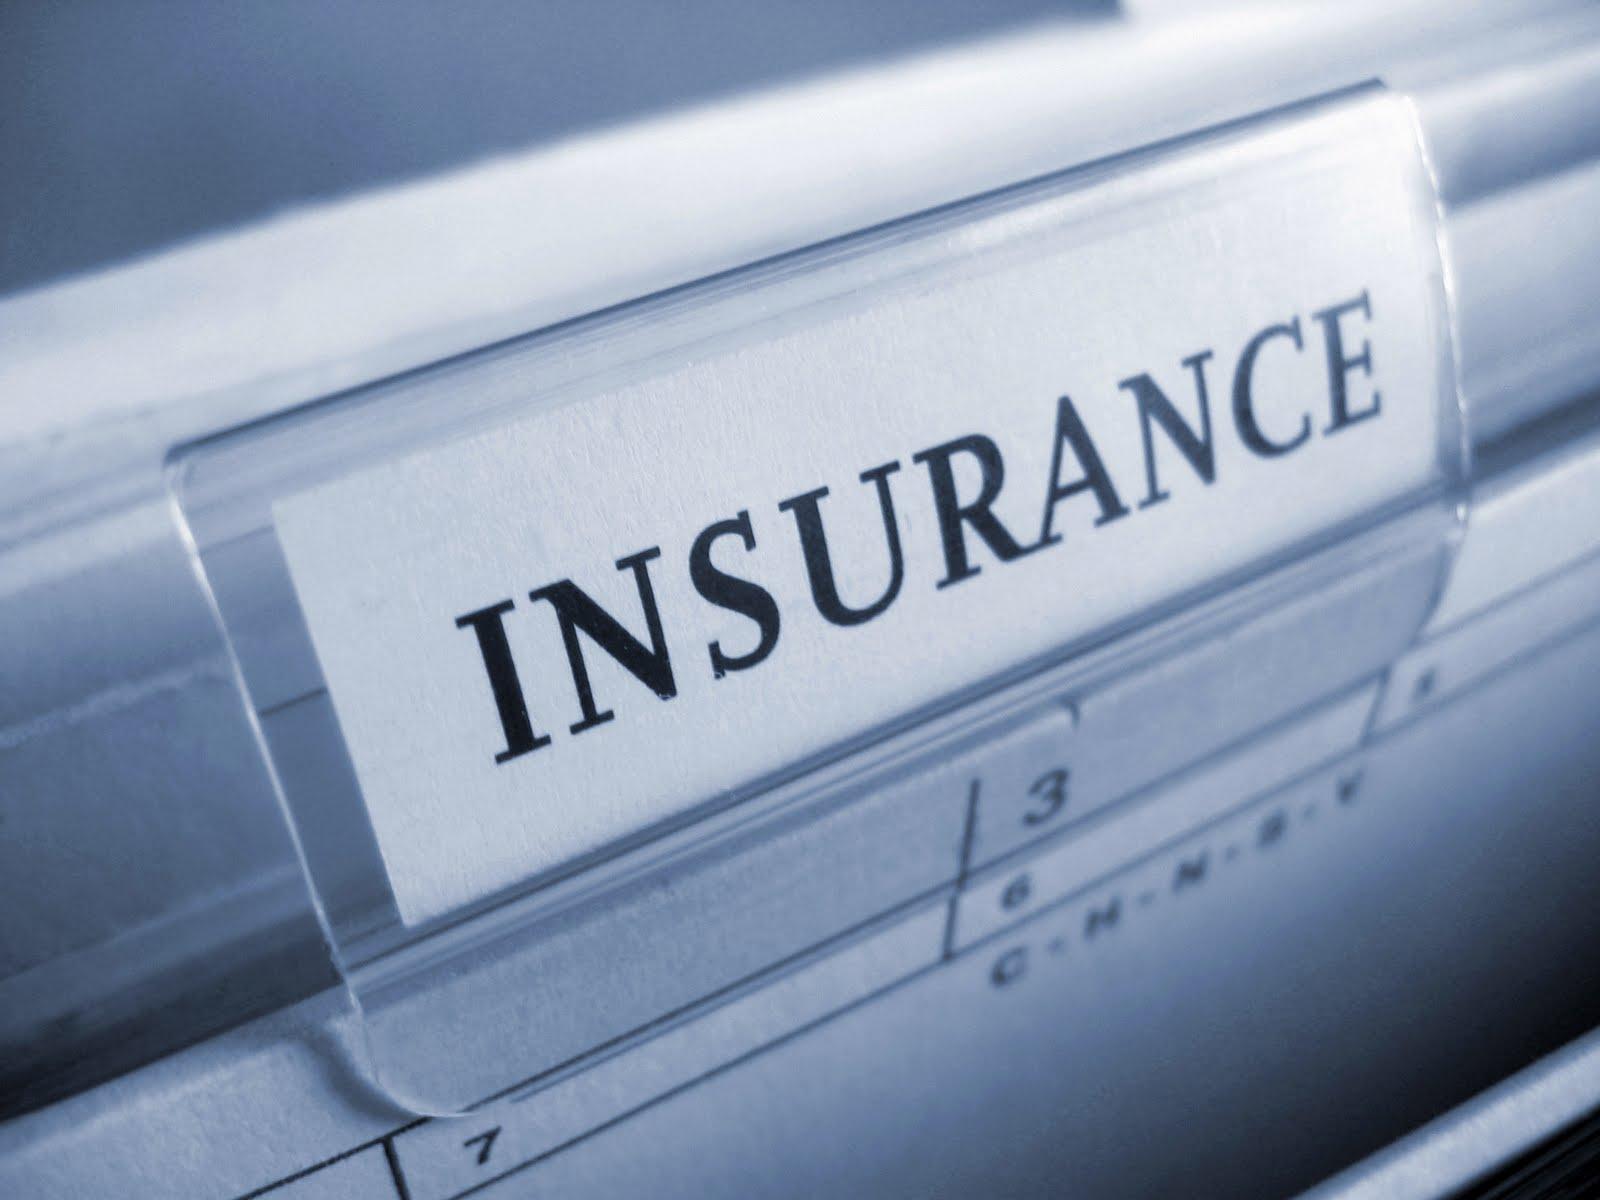 Union Assurance PLC